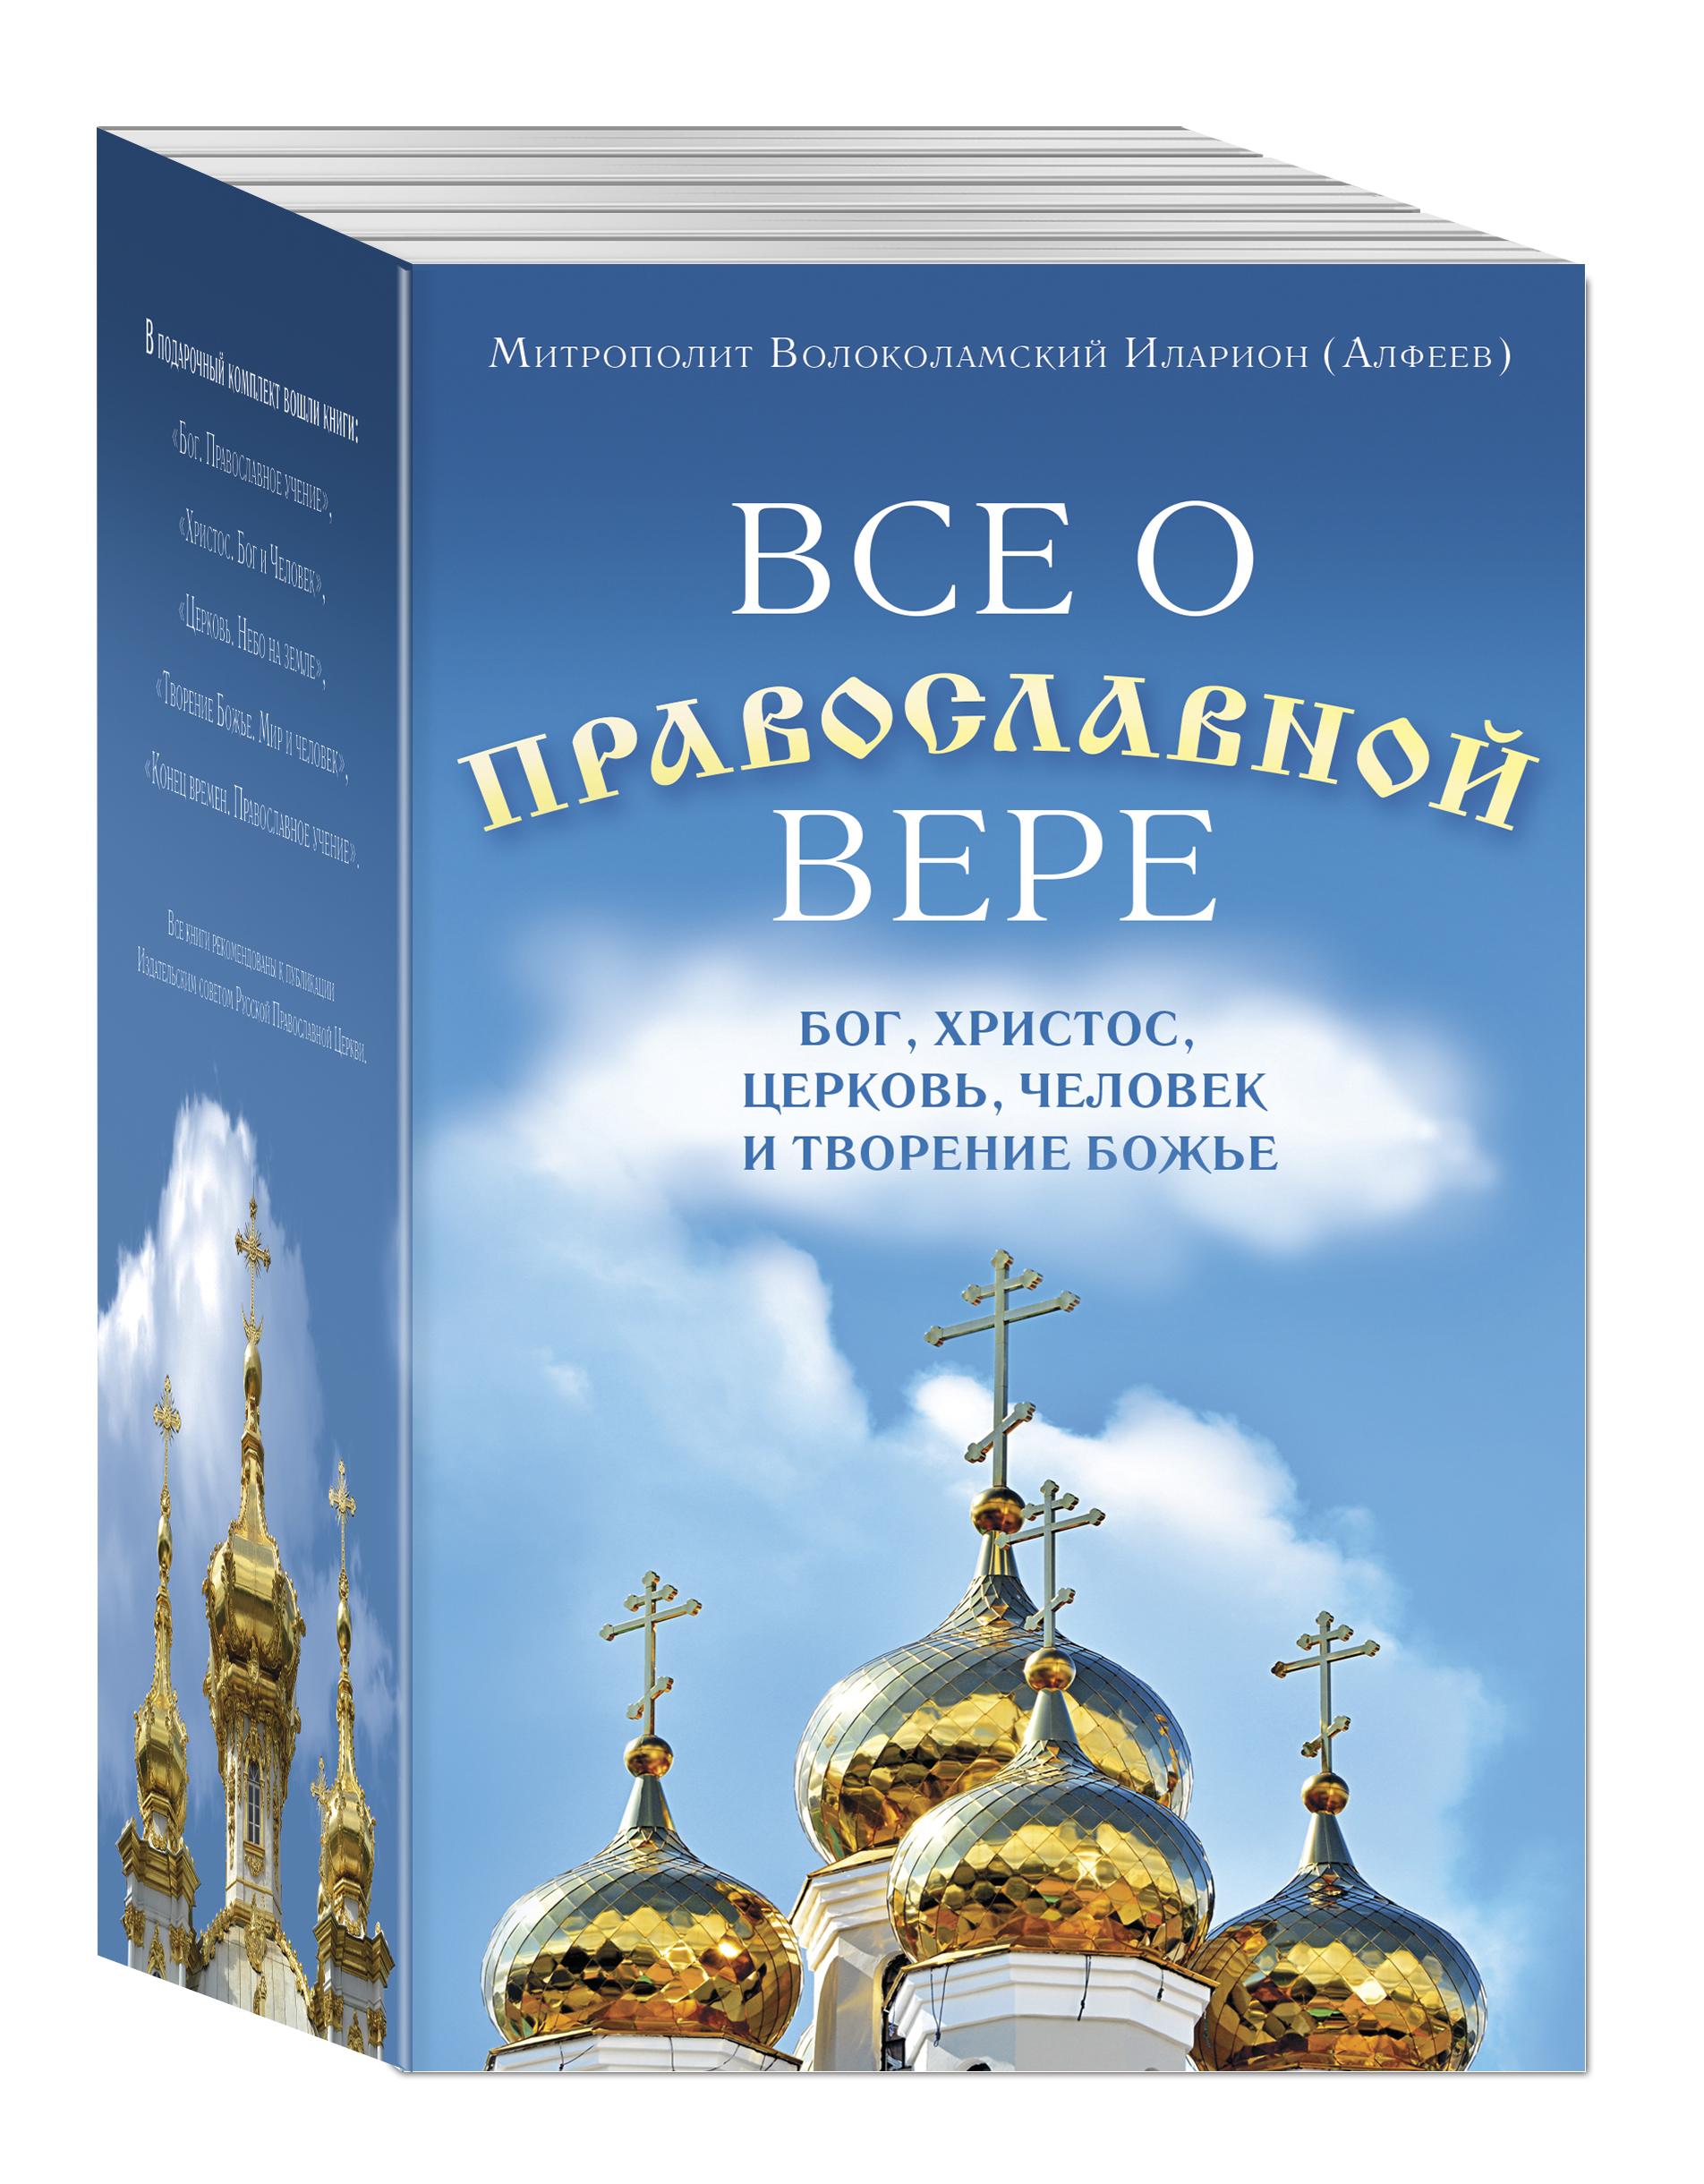 Все о православной вере. Бог, Христос, Церковь, человек и творение Божье. Подарочный комплект из 5 книг